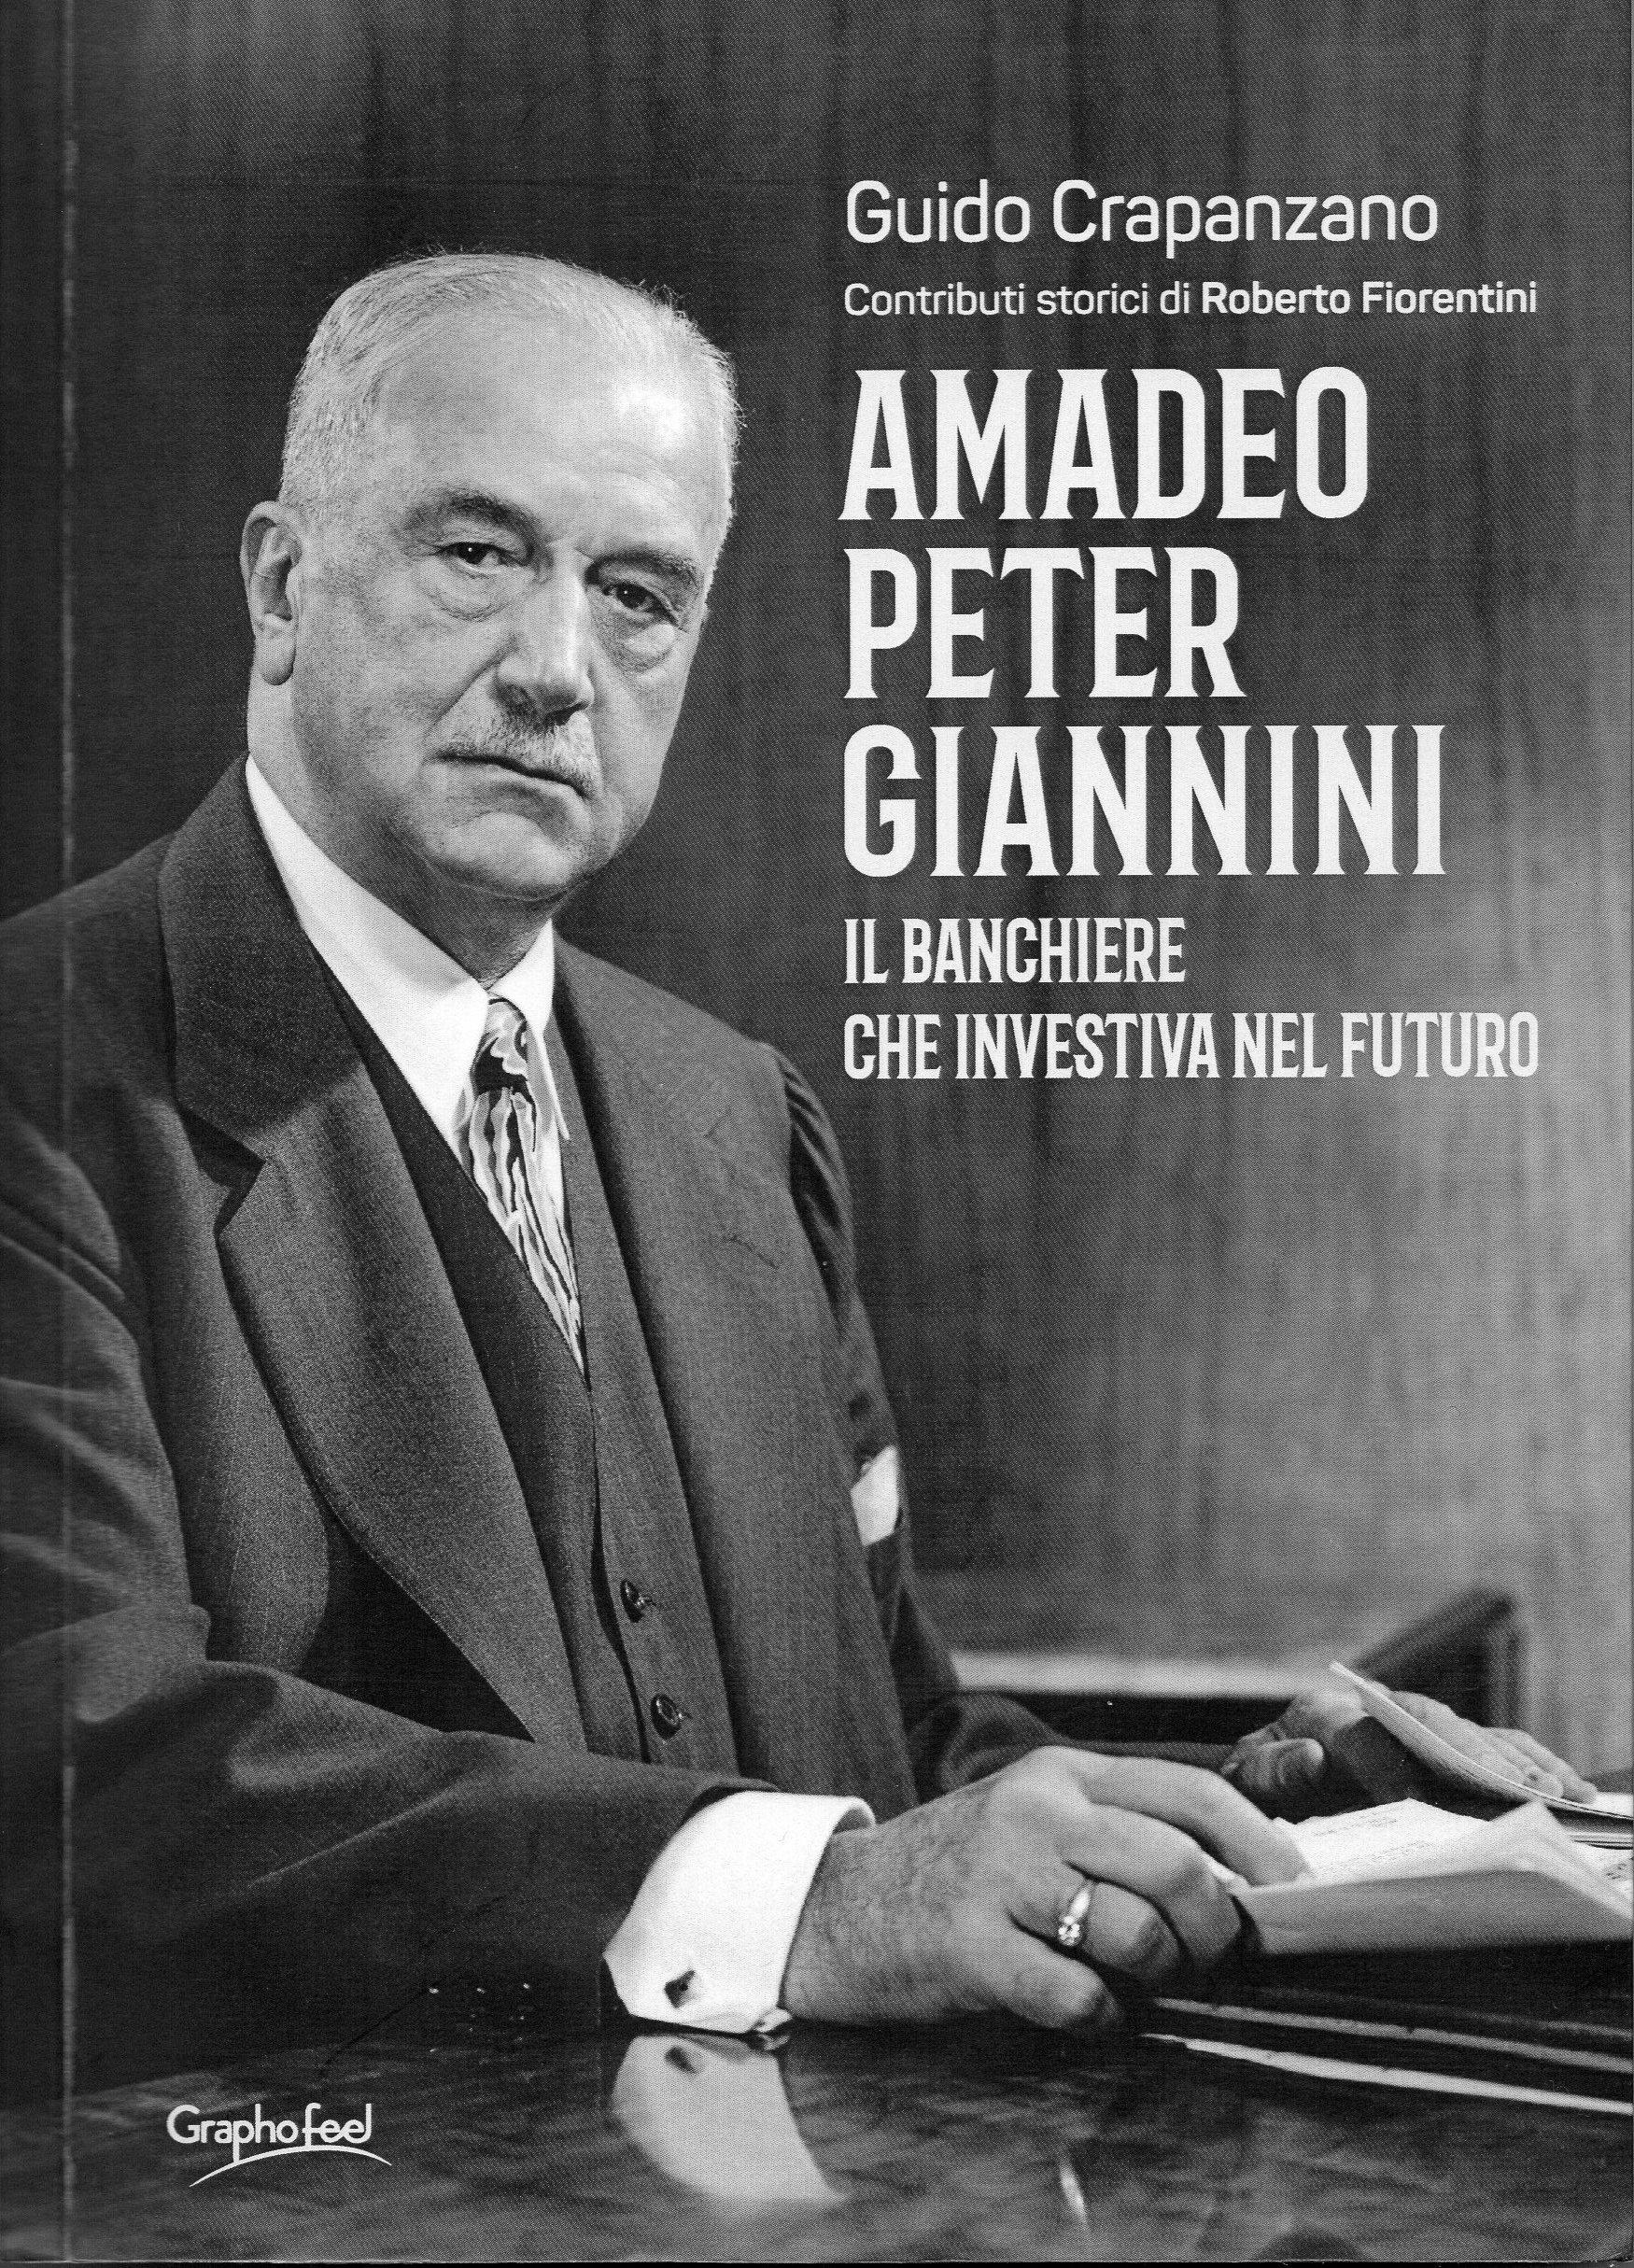 AMADEO PETER GIANNINI – IL BANCHIERE CHE INVESTIVA NEL FUTURO